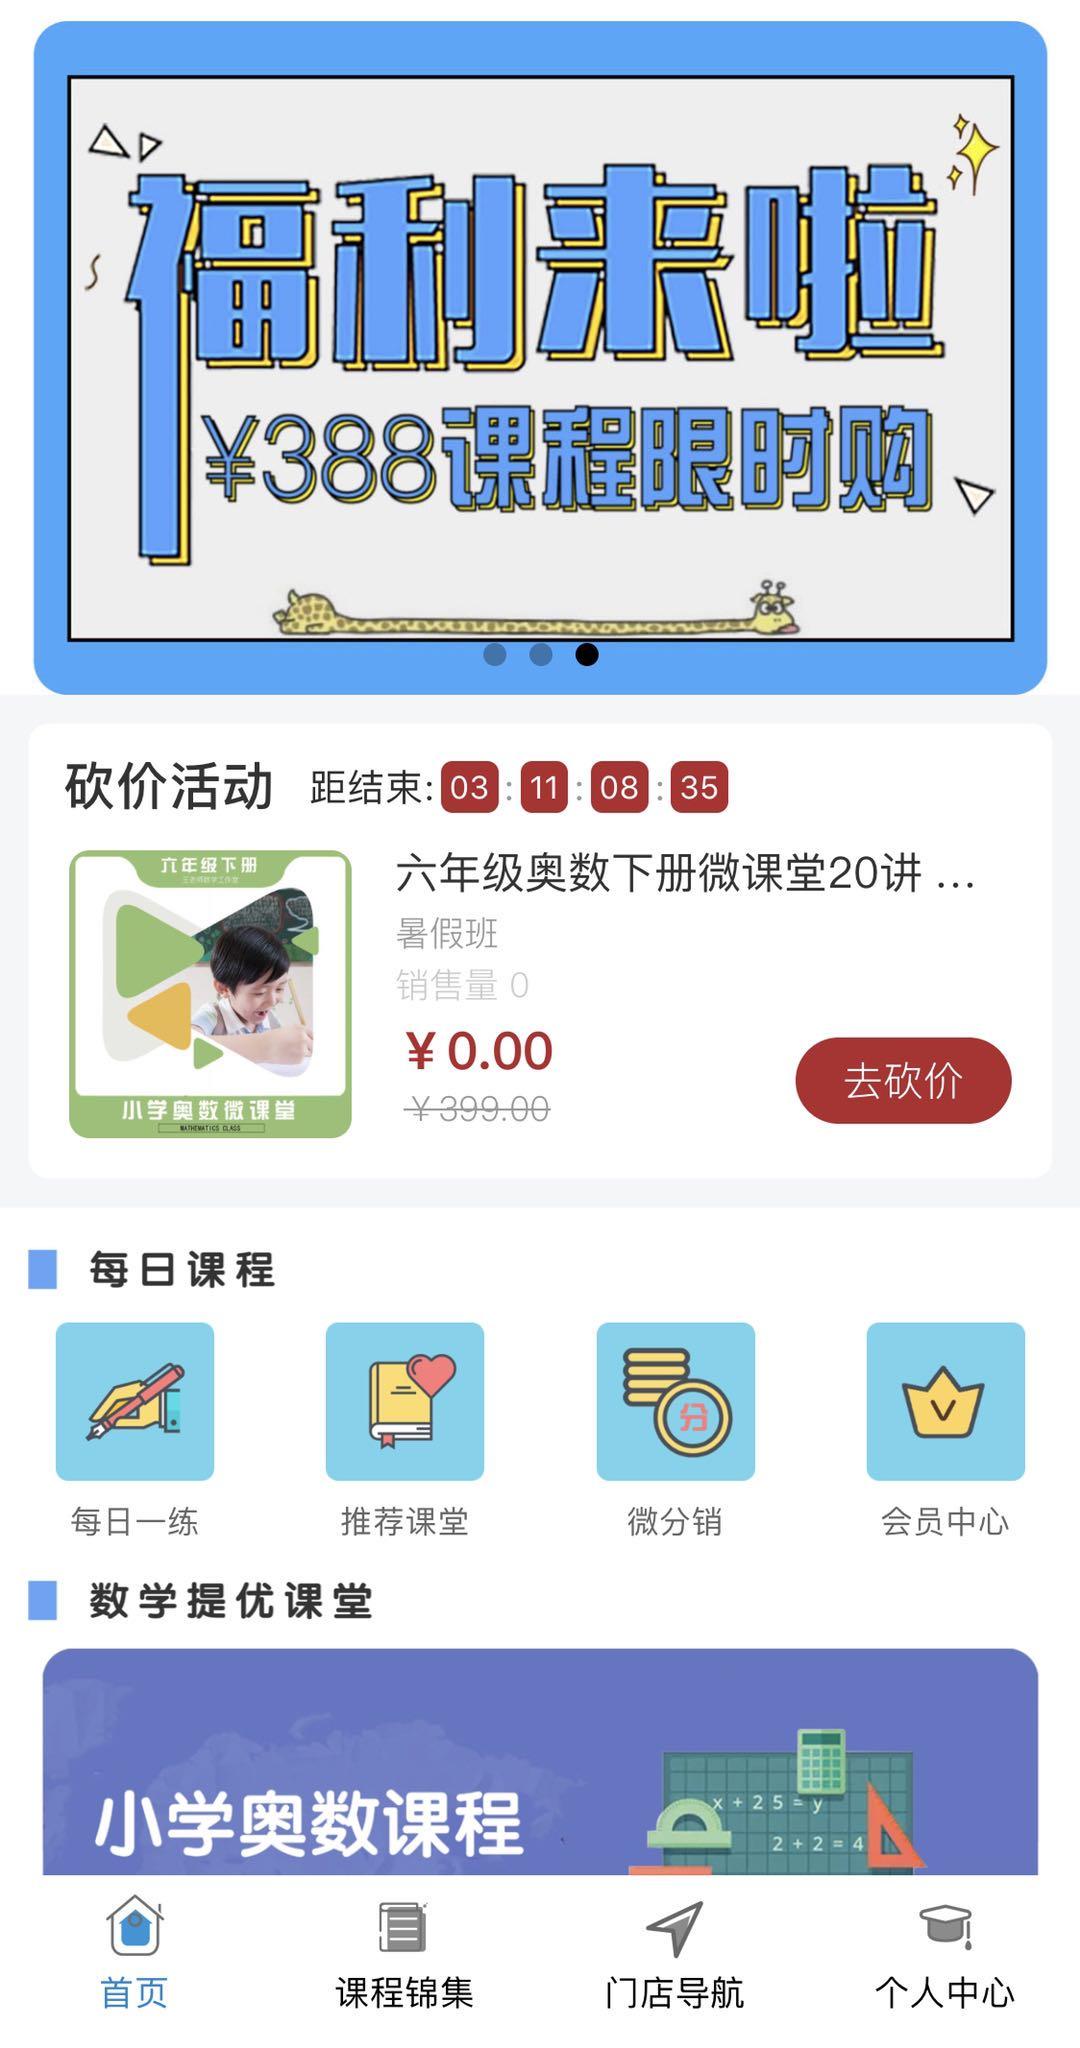 微信王老師數學微課小程序